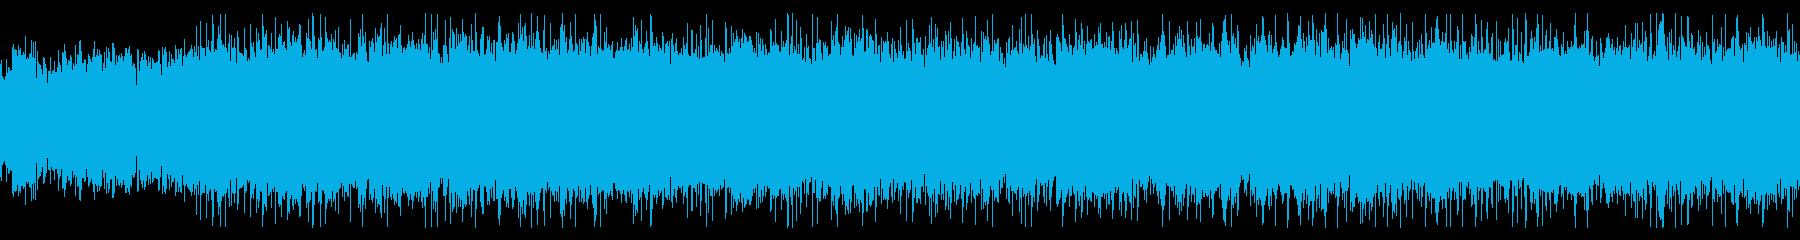 明るいケルト風音楽の再生済みの波形